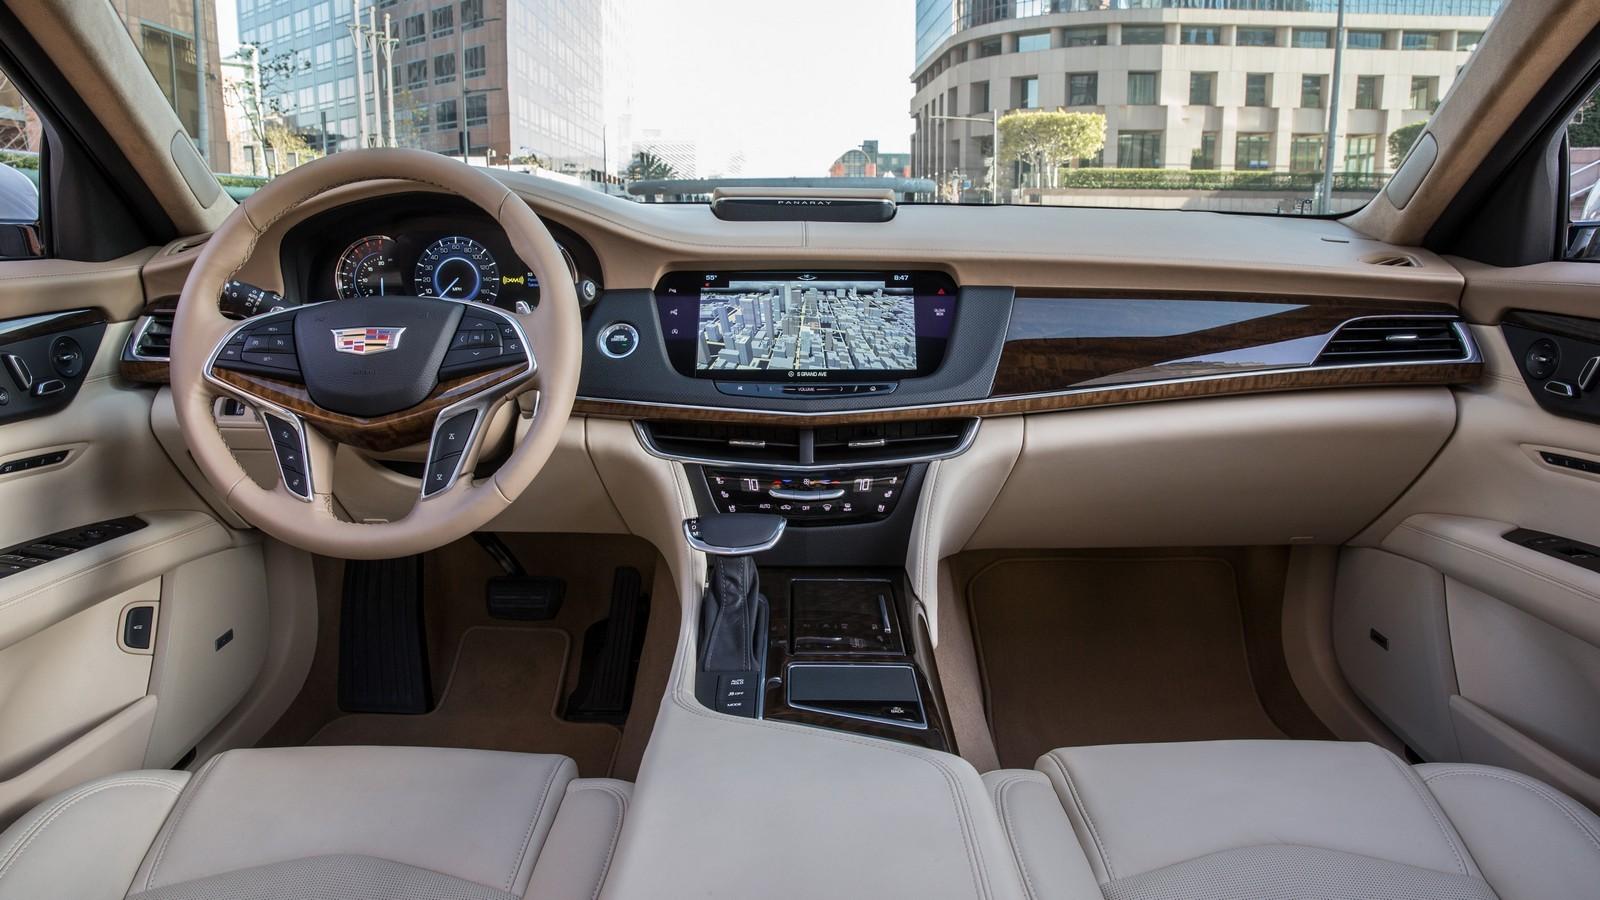 2016 Cadillac CT6, Los Angeles, CA